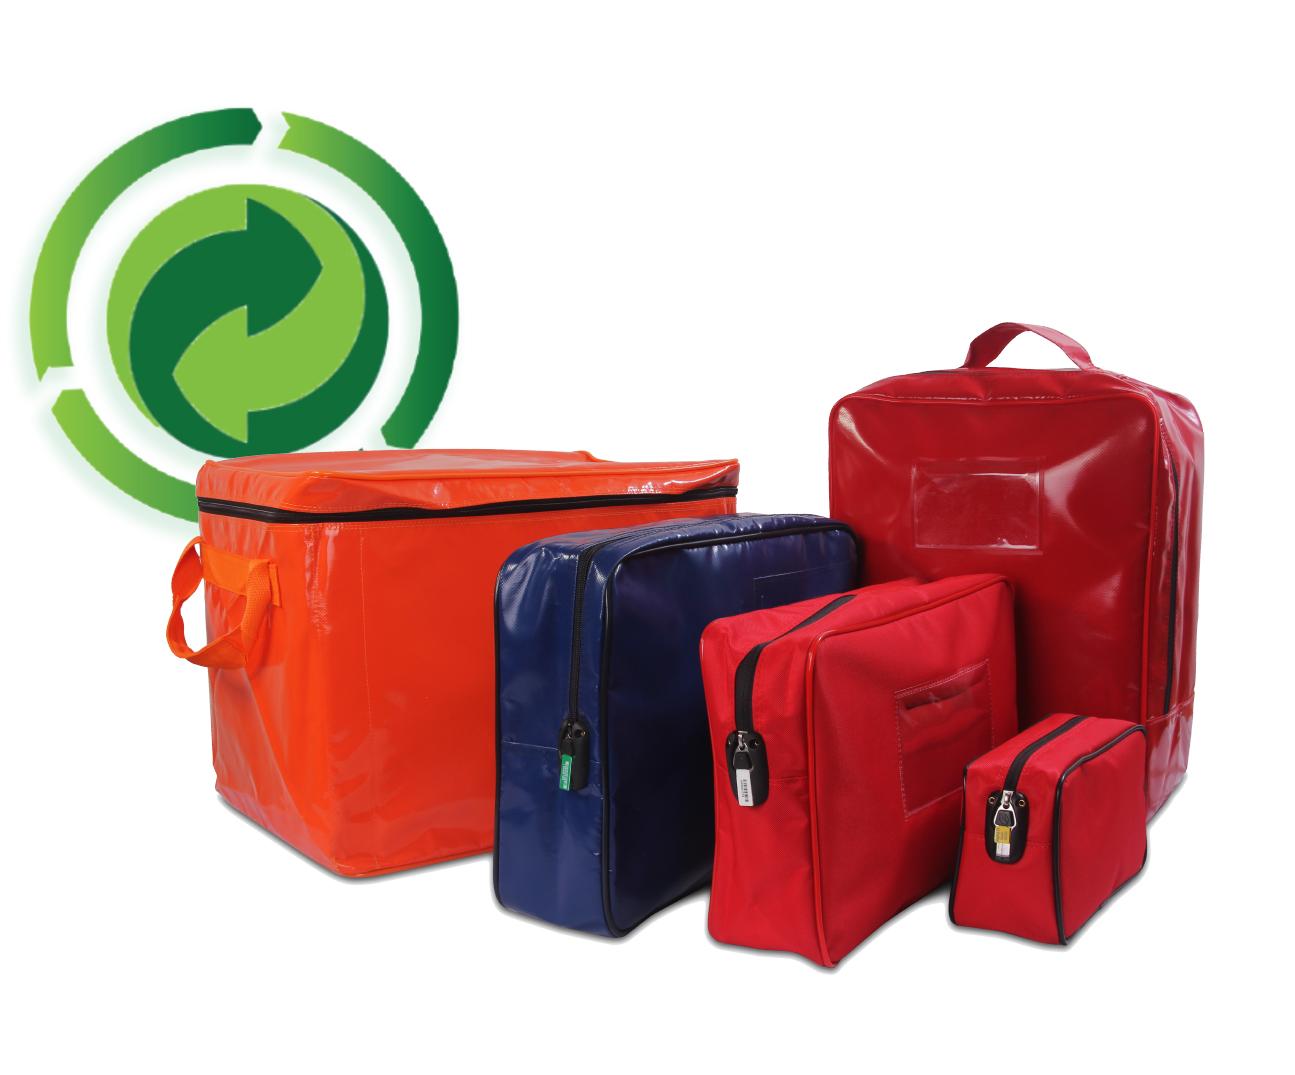 Bags con logo reciclable